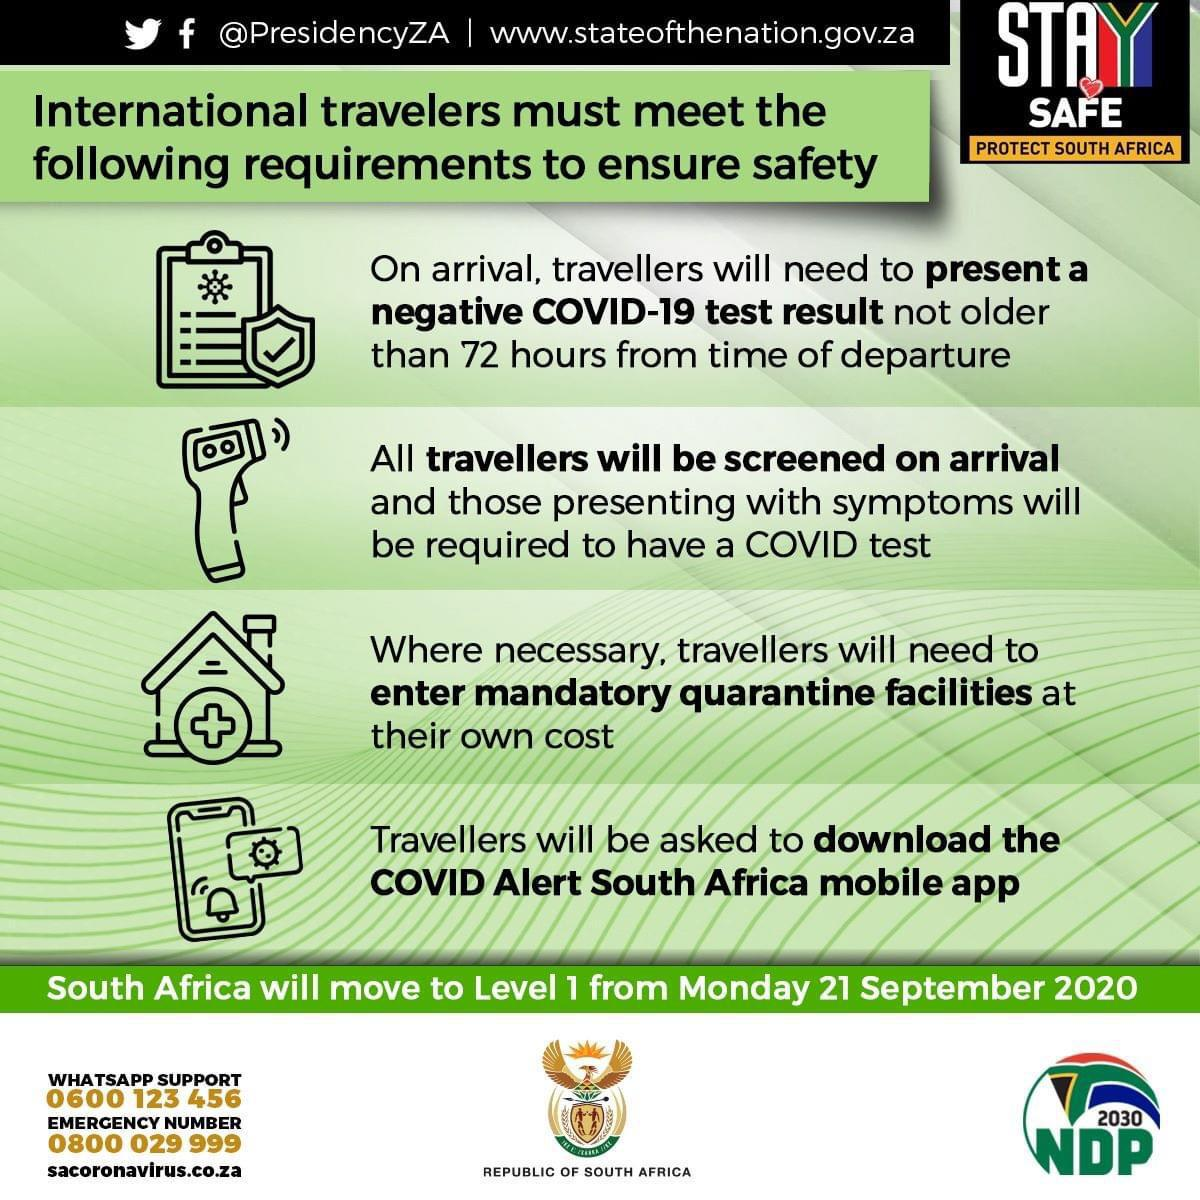 südafrika reisen corona